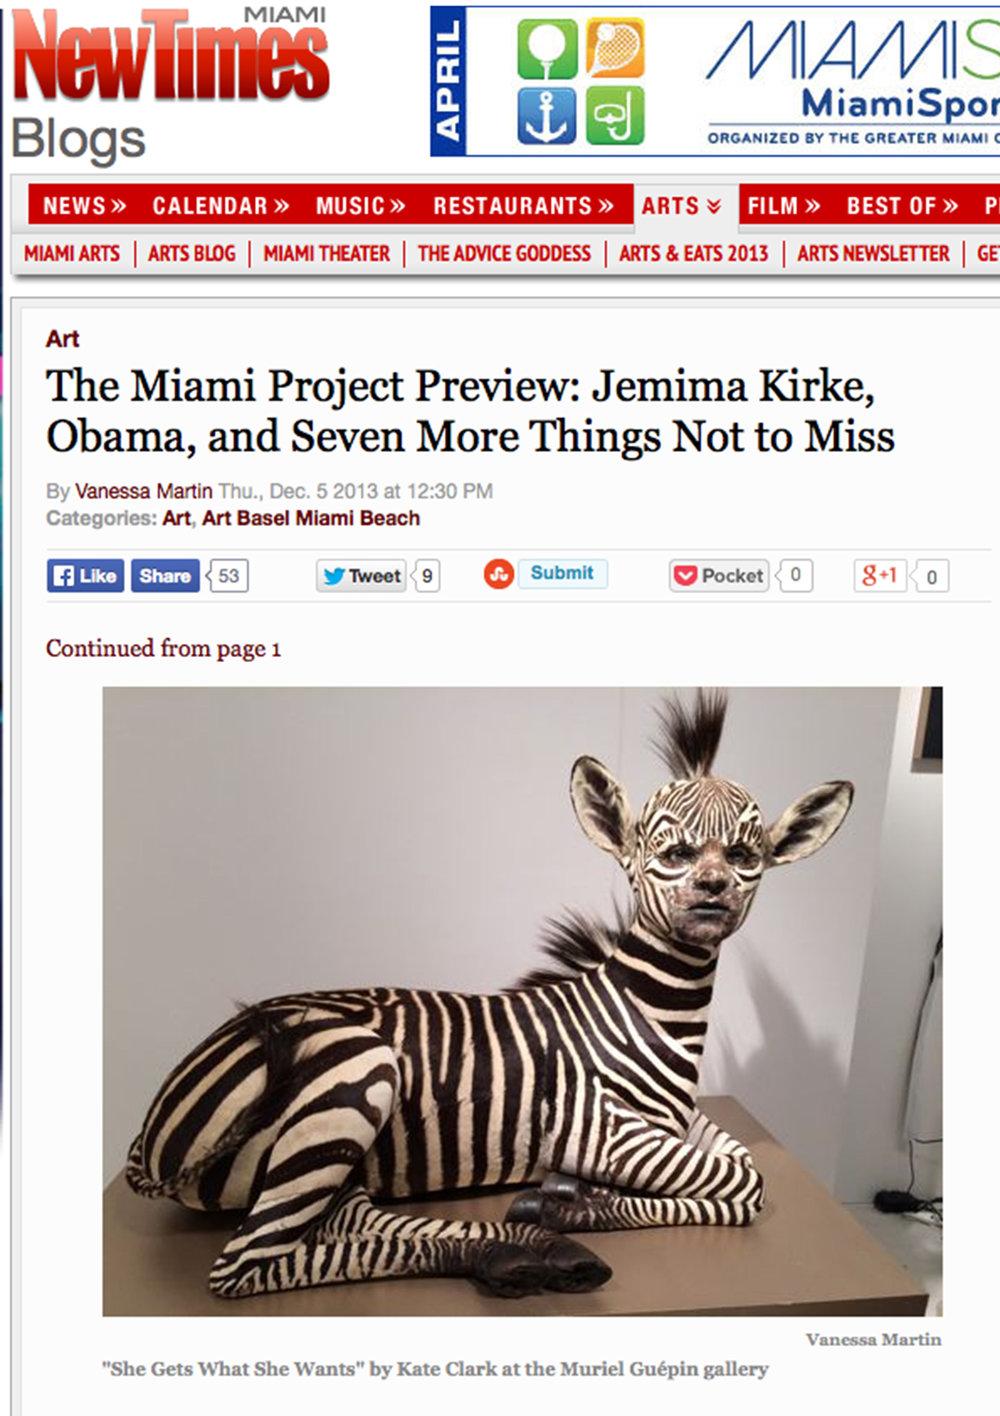 Miami NewTimes